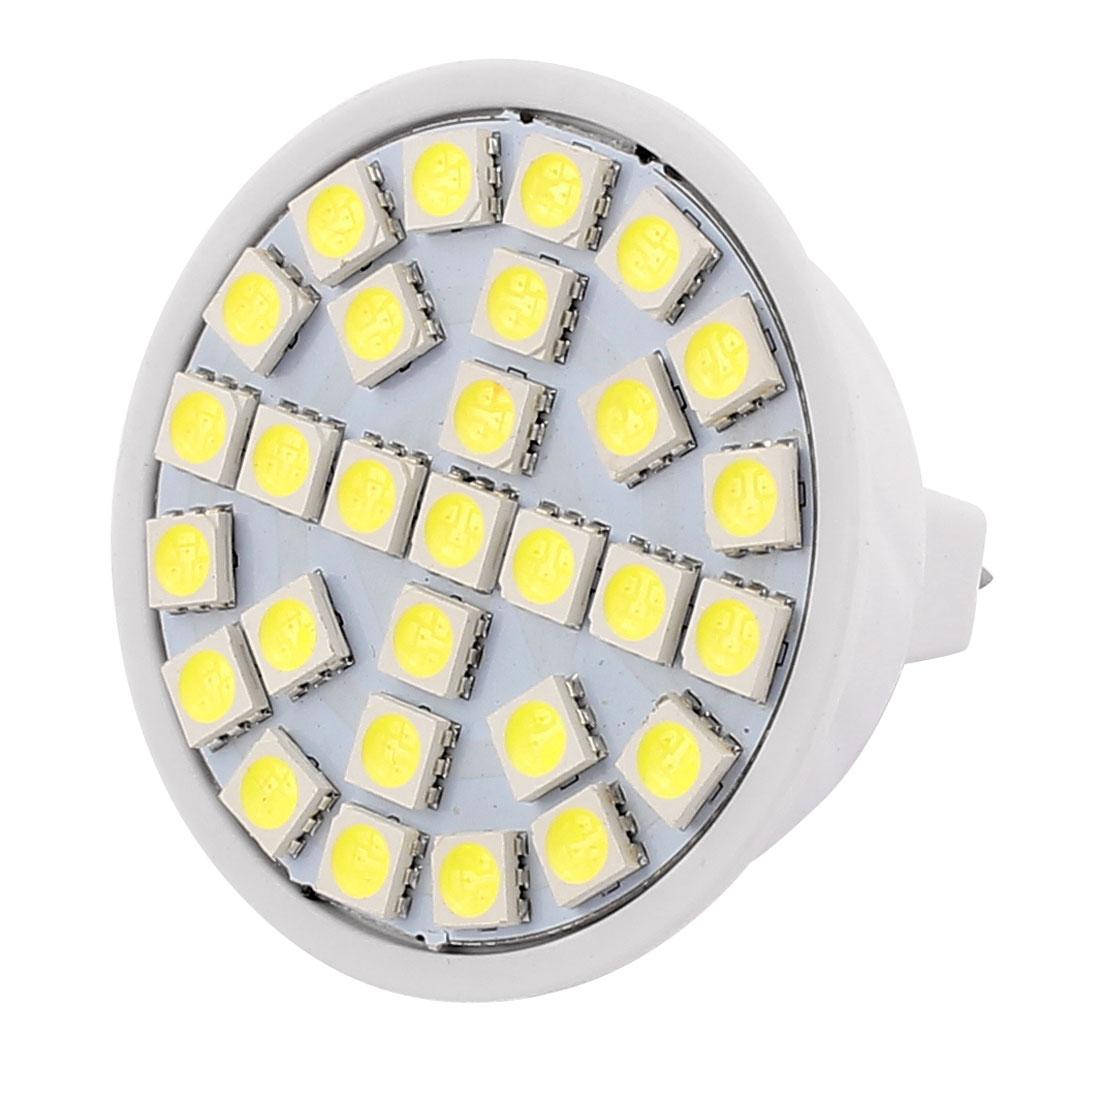 220V 5W MR16 5050 SMD 29 LEDs LED Bulb Light Spotlight Lamp Lighting White